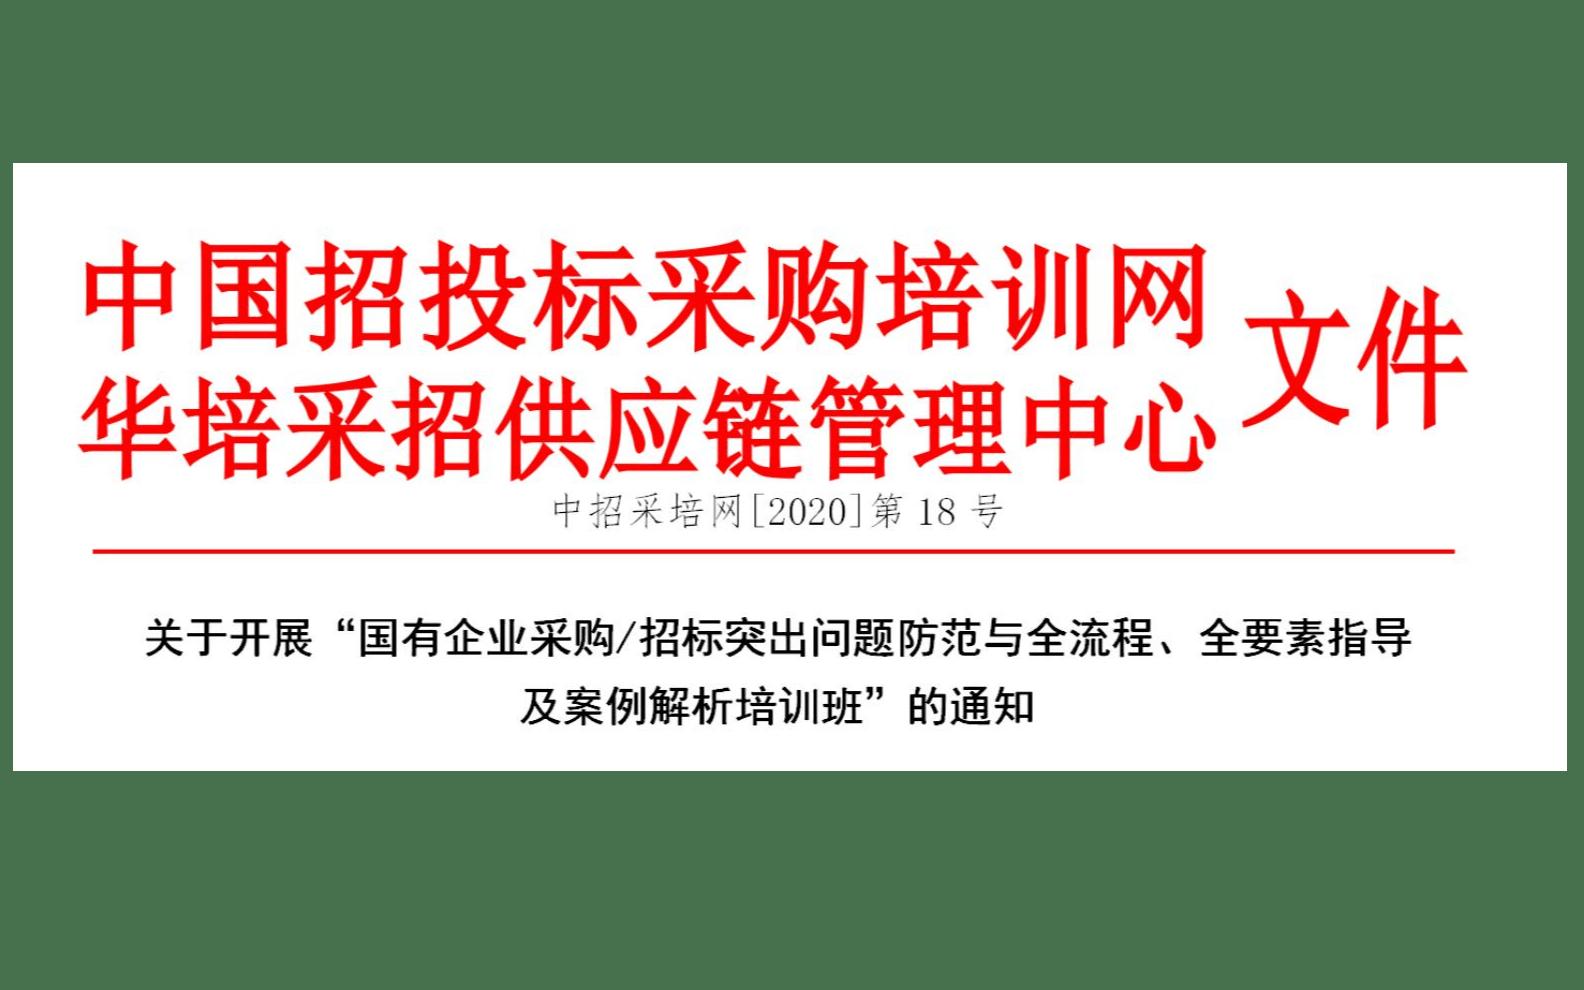 8月秦皇岛线下课程:国有企业采购/招标突出问题防范与全流程、全要素指导及案例解析培训班